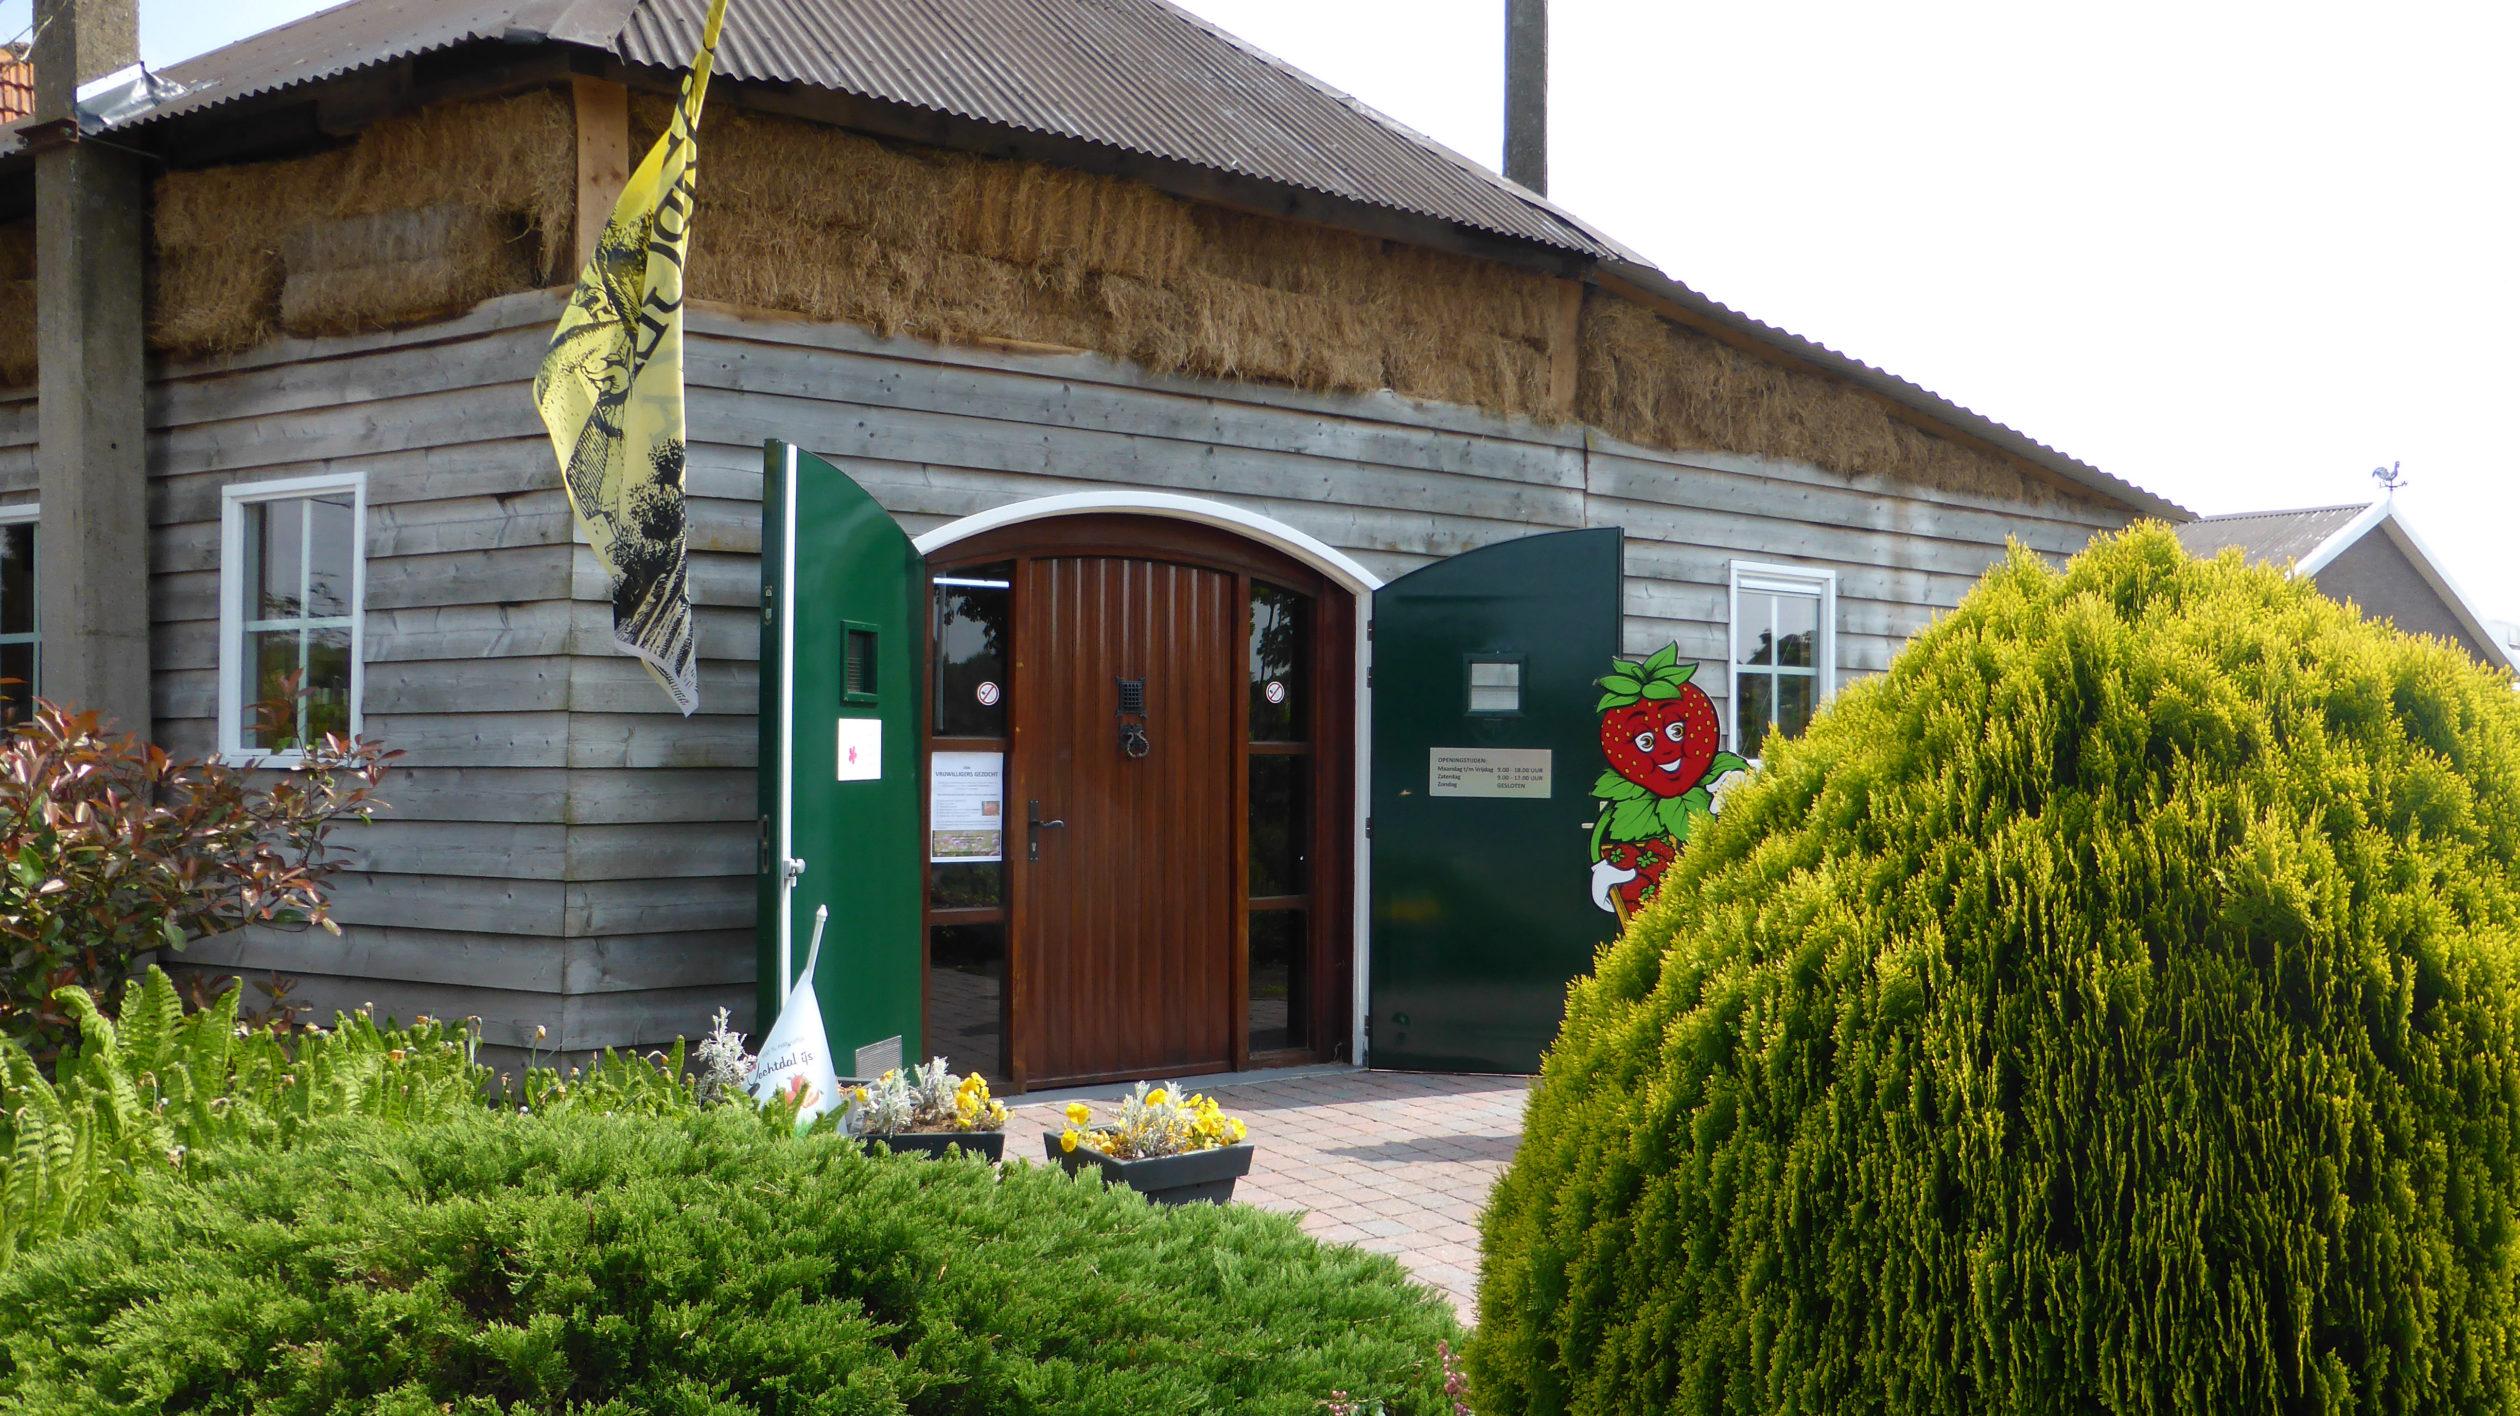 Ein Bauernhaus mit Hofladen verspricht Leckereien während der Radtour durch das andere Holland